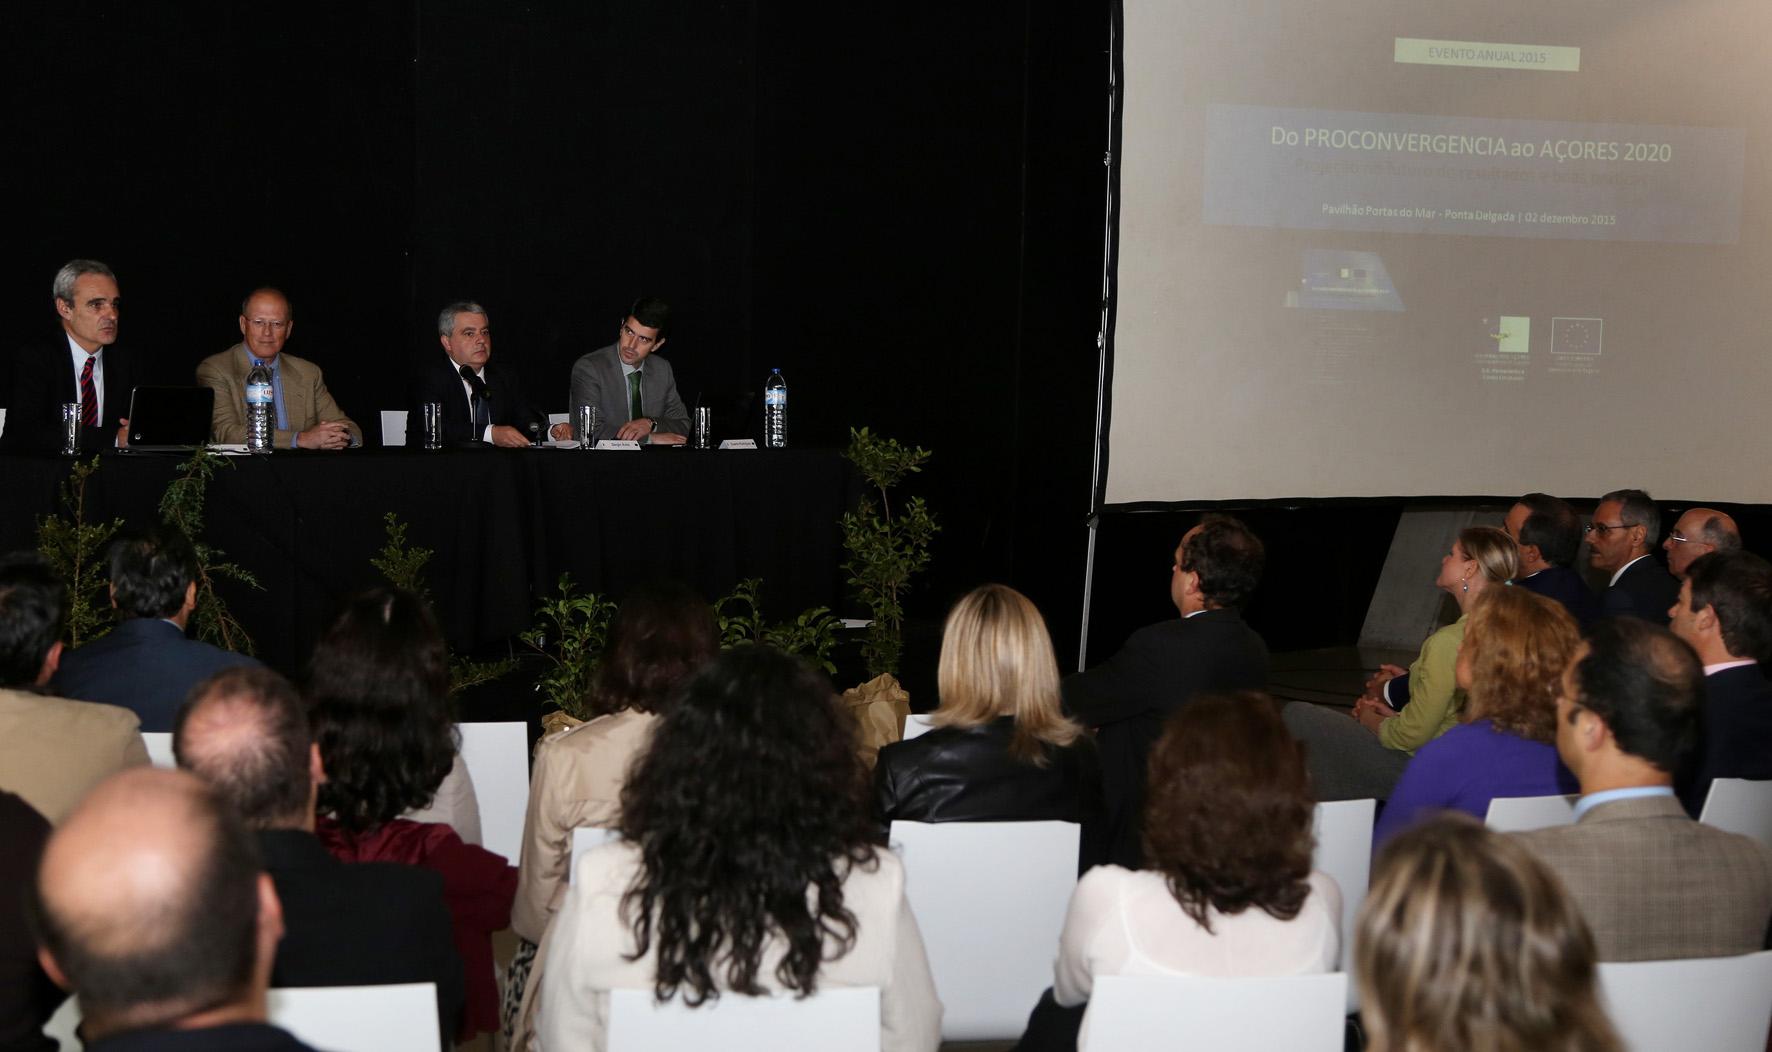 Açores superaram as suas próprias metas na convergência com o PIB médio europeu, afirma Sérgio Ávila